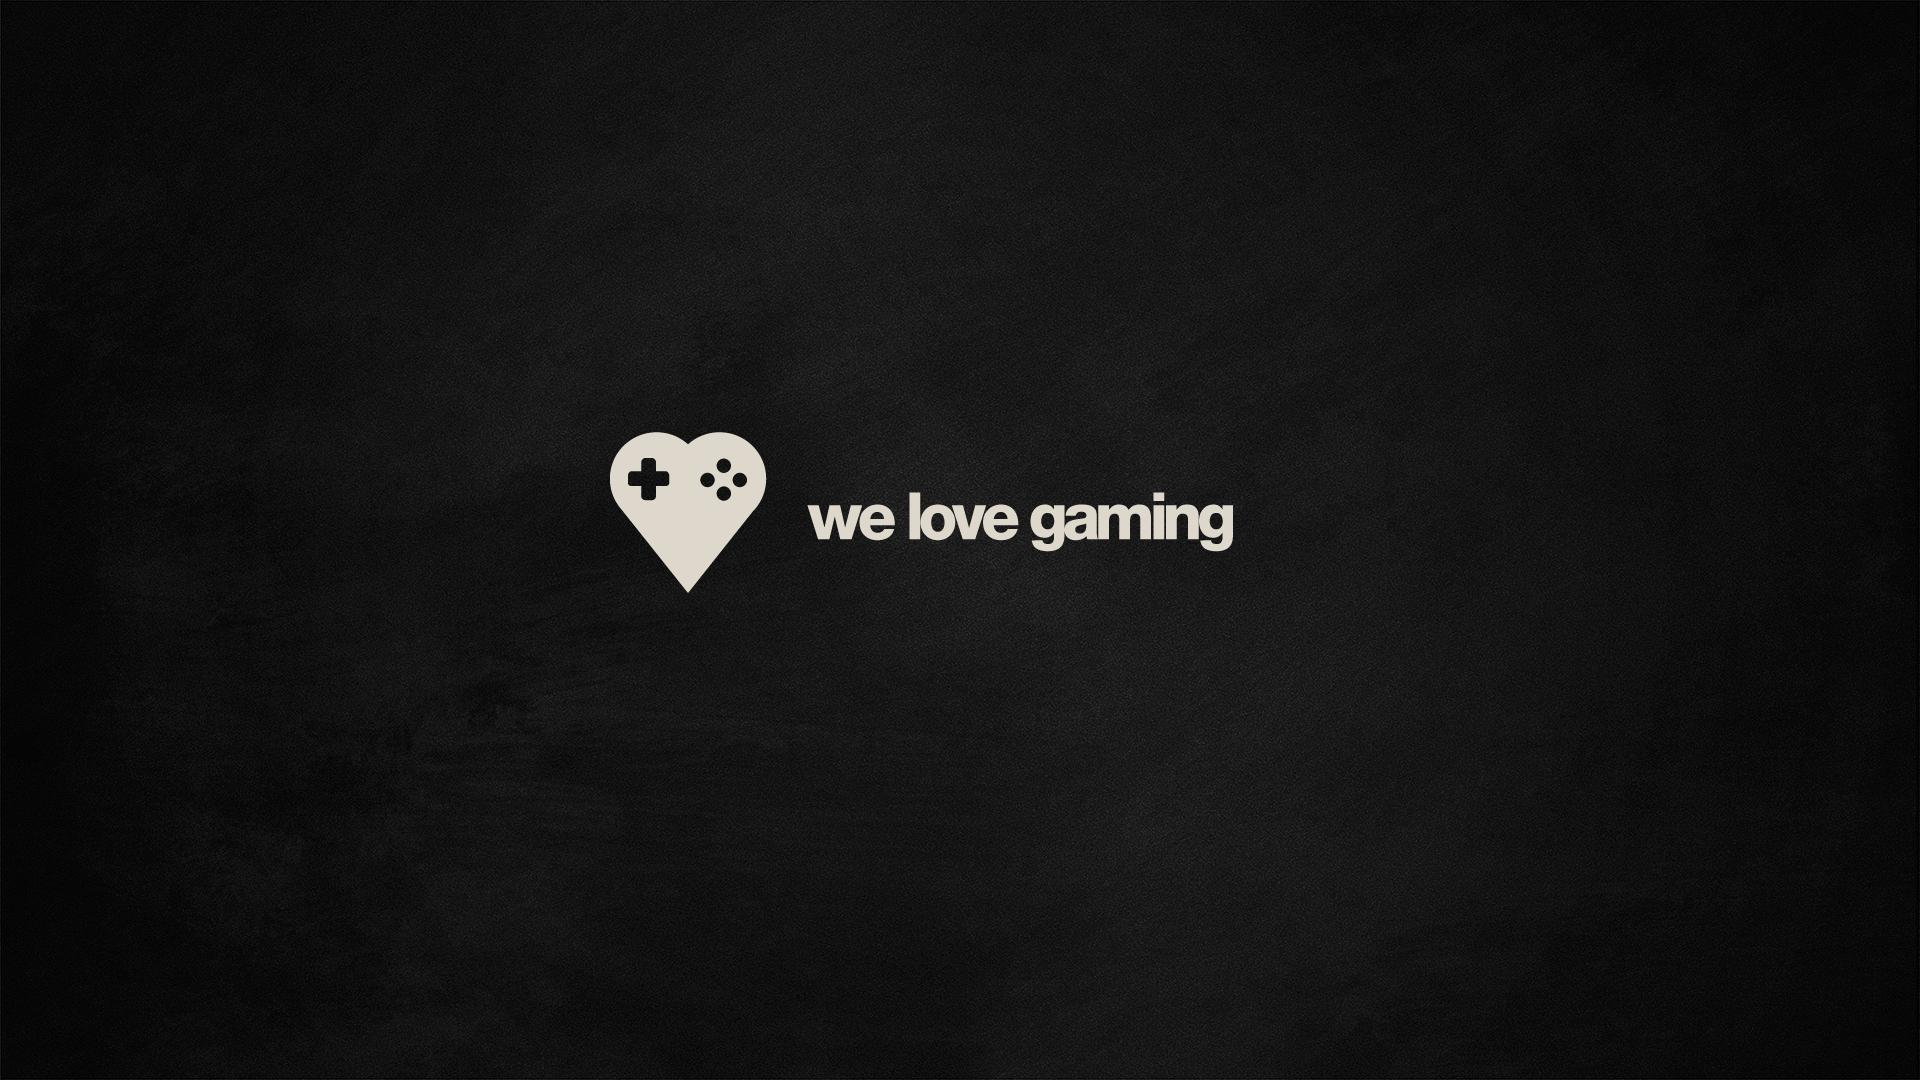 Photo-gaming-wallpapers-desktop-logo